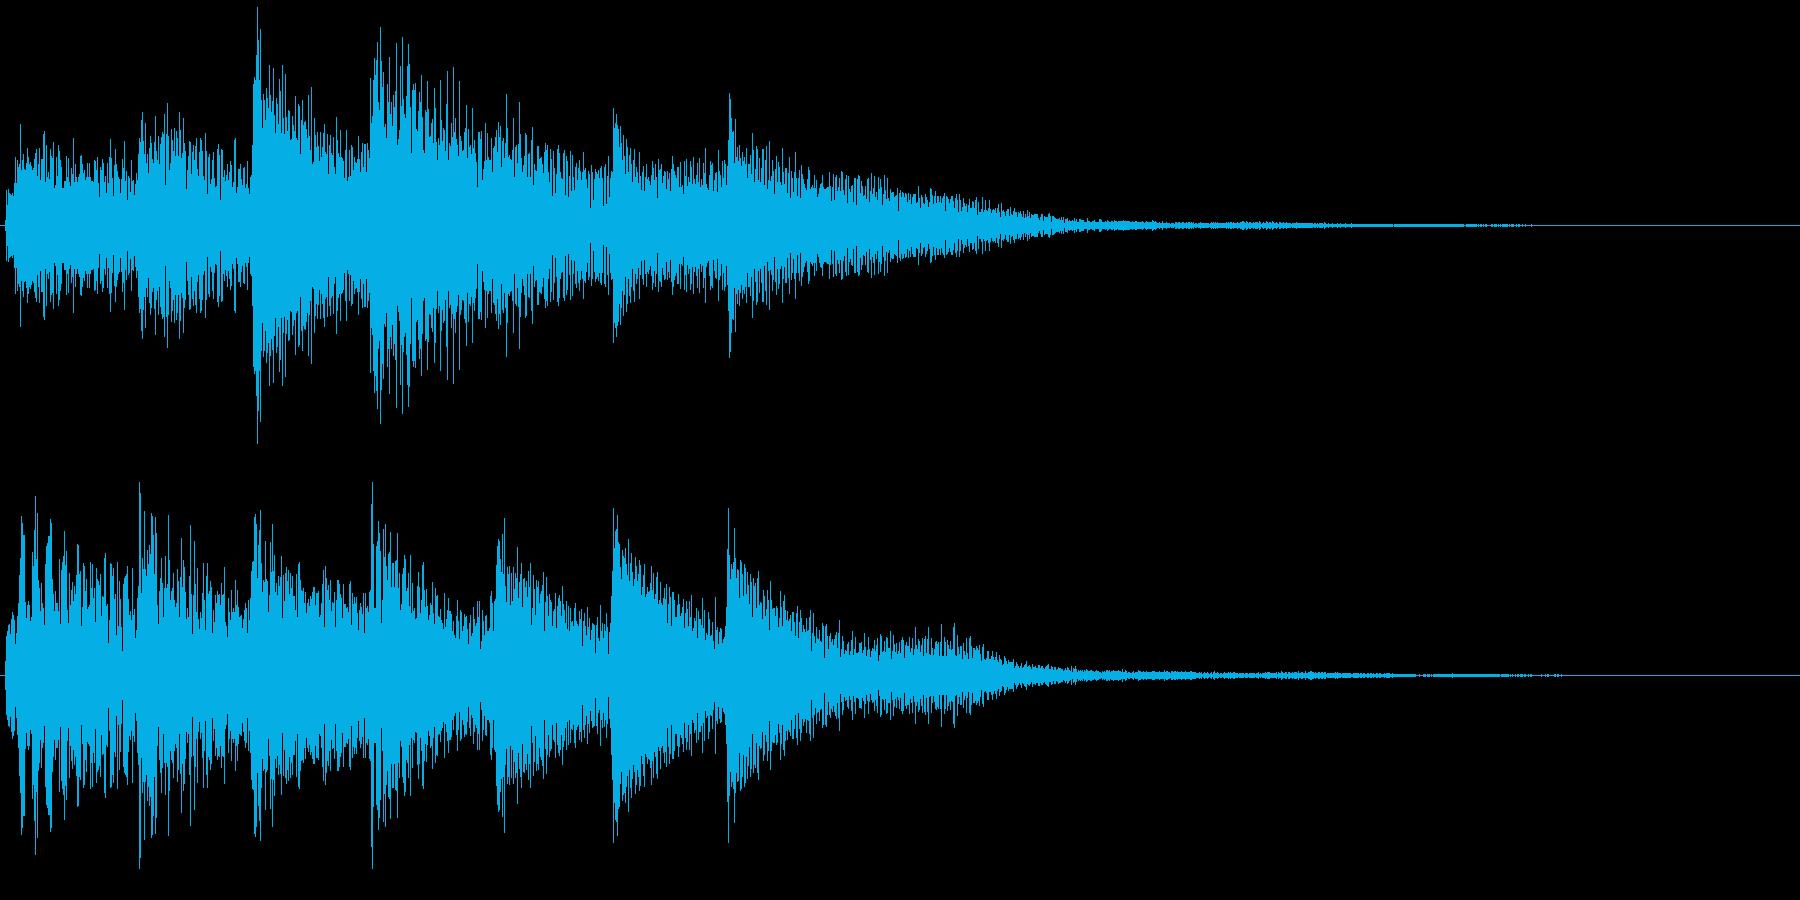 ピアノ転回音11・サウンドロゴの再生済みの波形